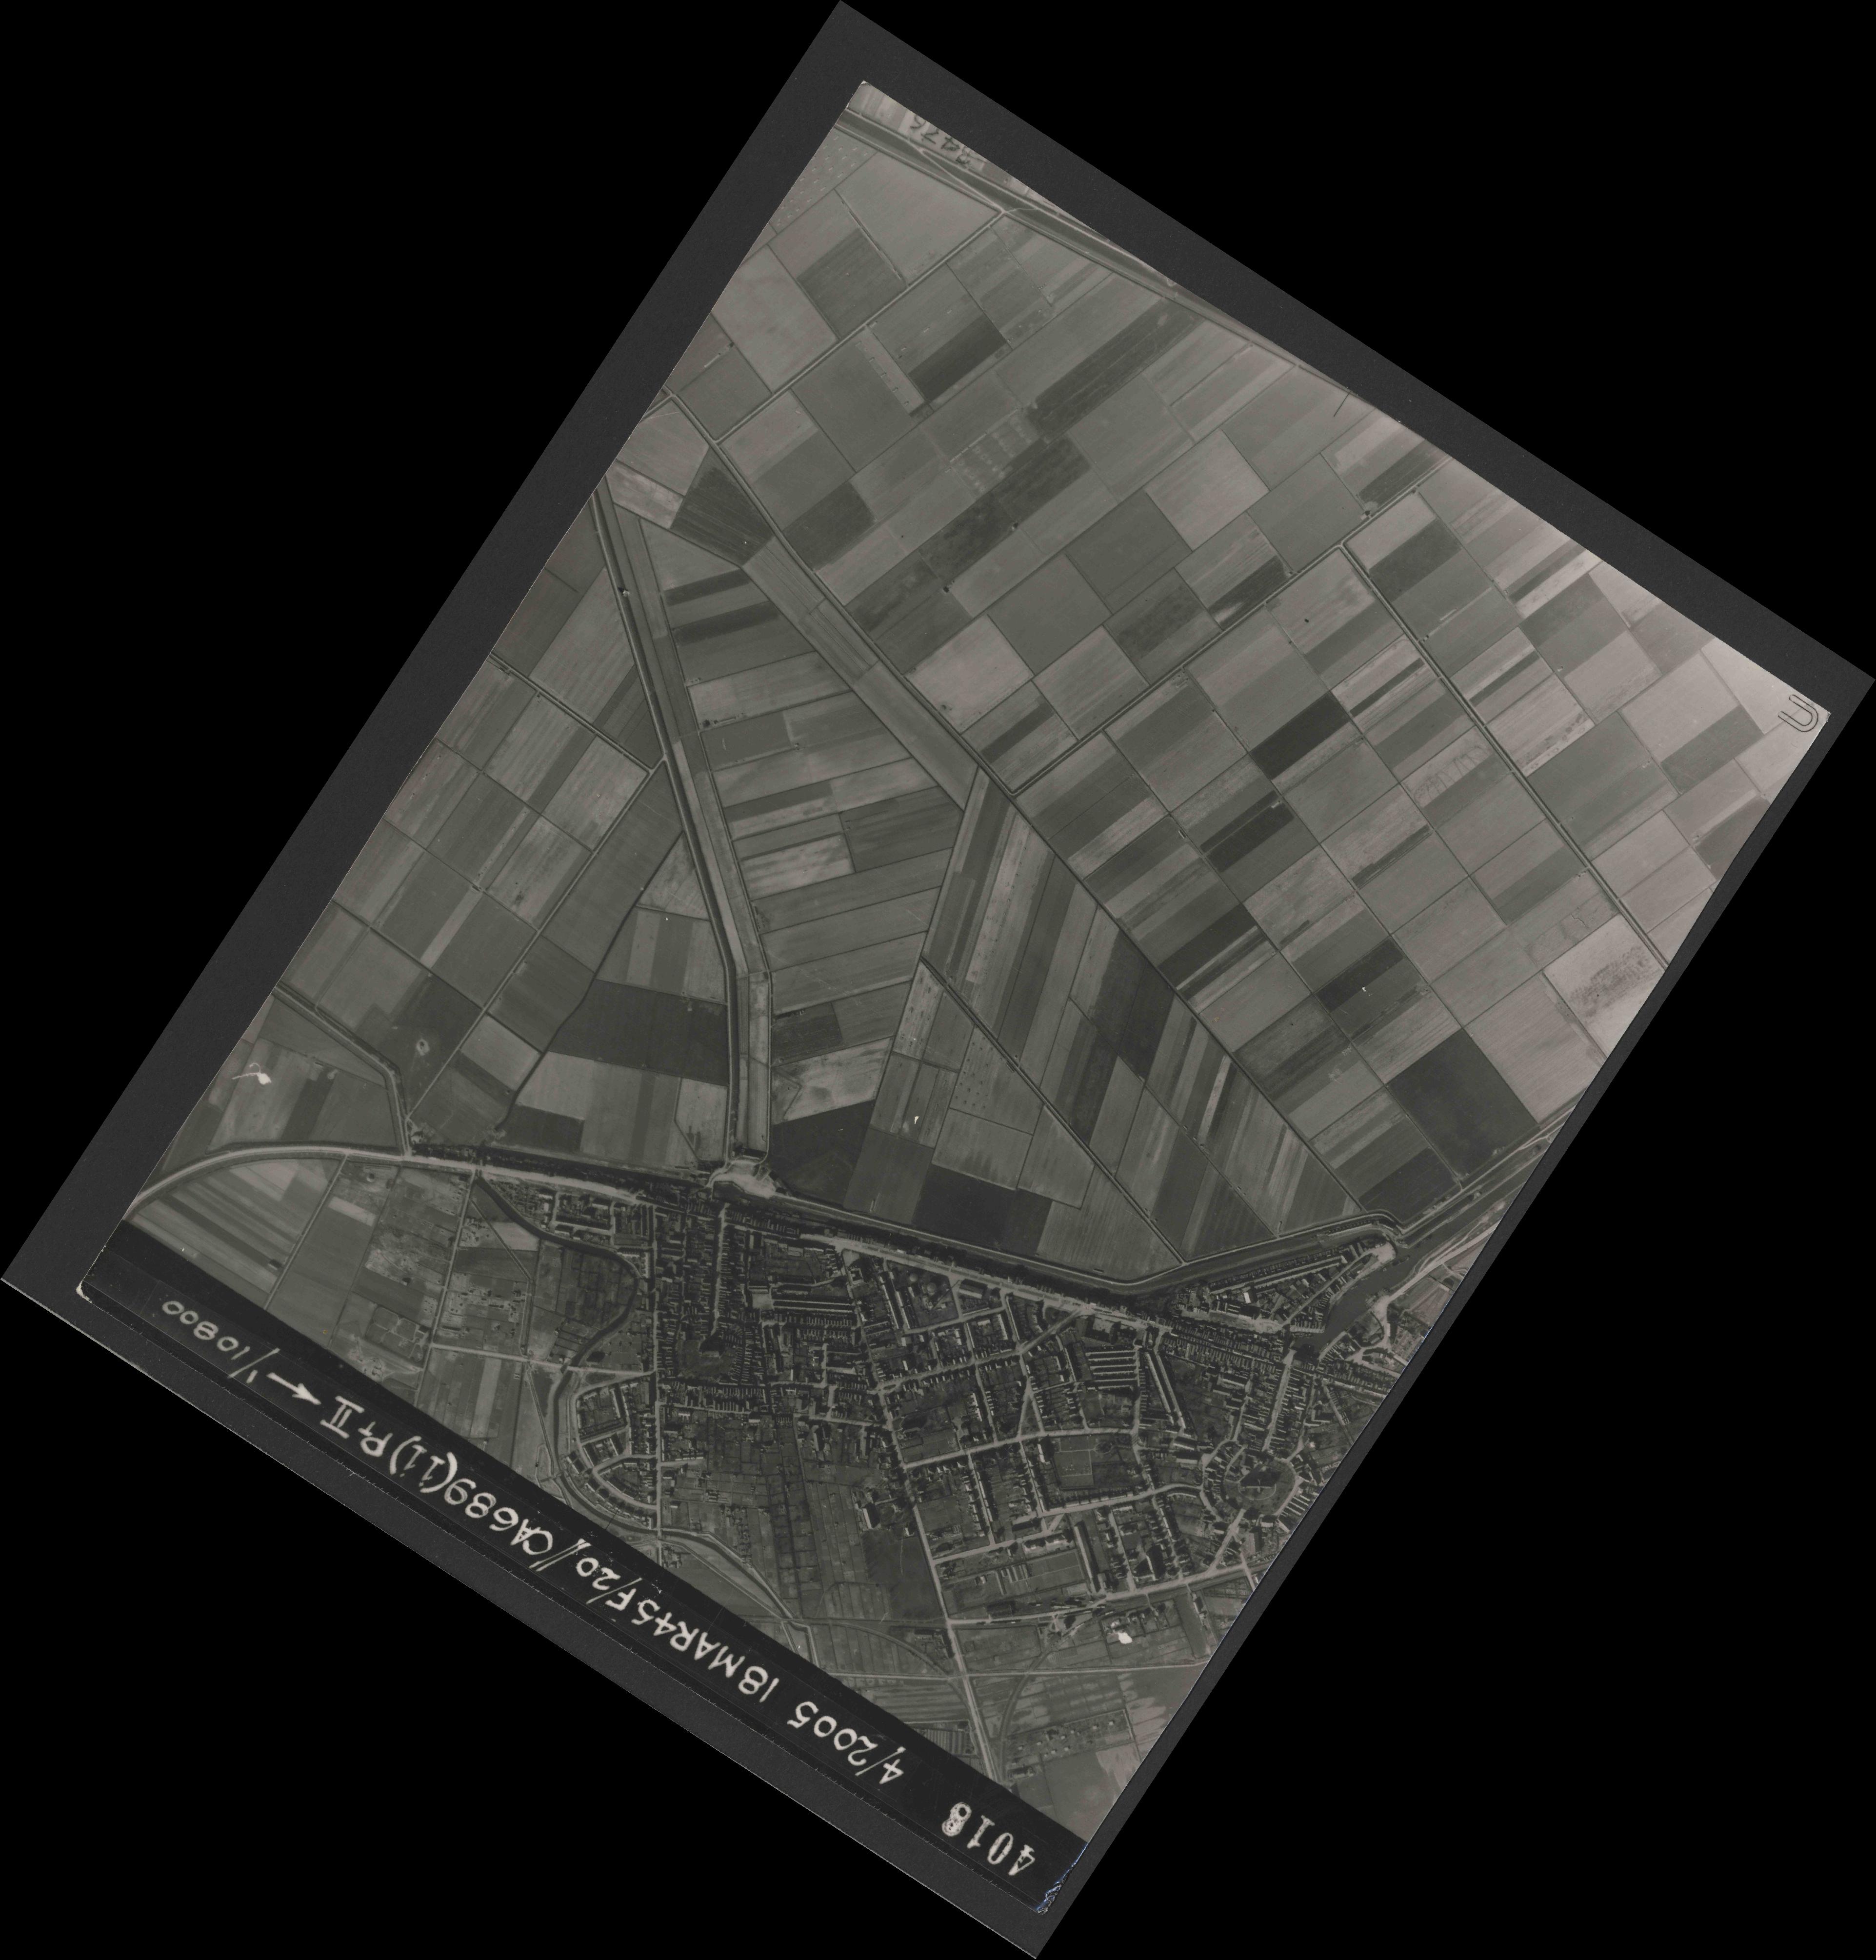 Collection RAF aerial photos 1940-1945 - flight 080, run 05, photo 4018